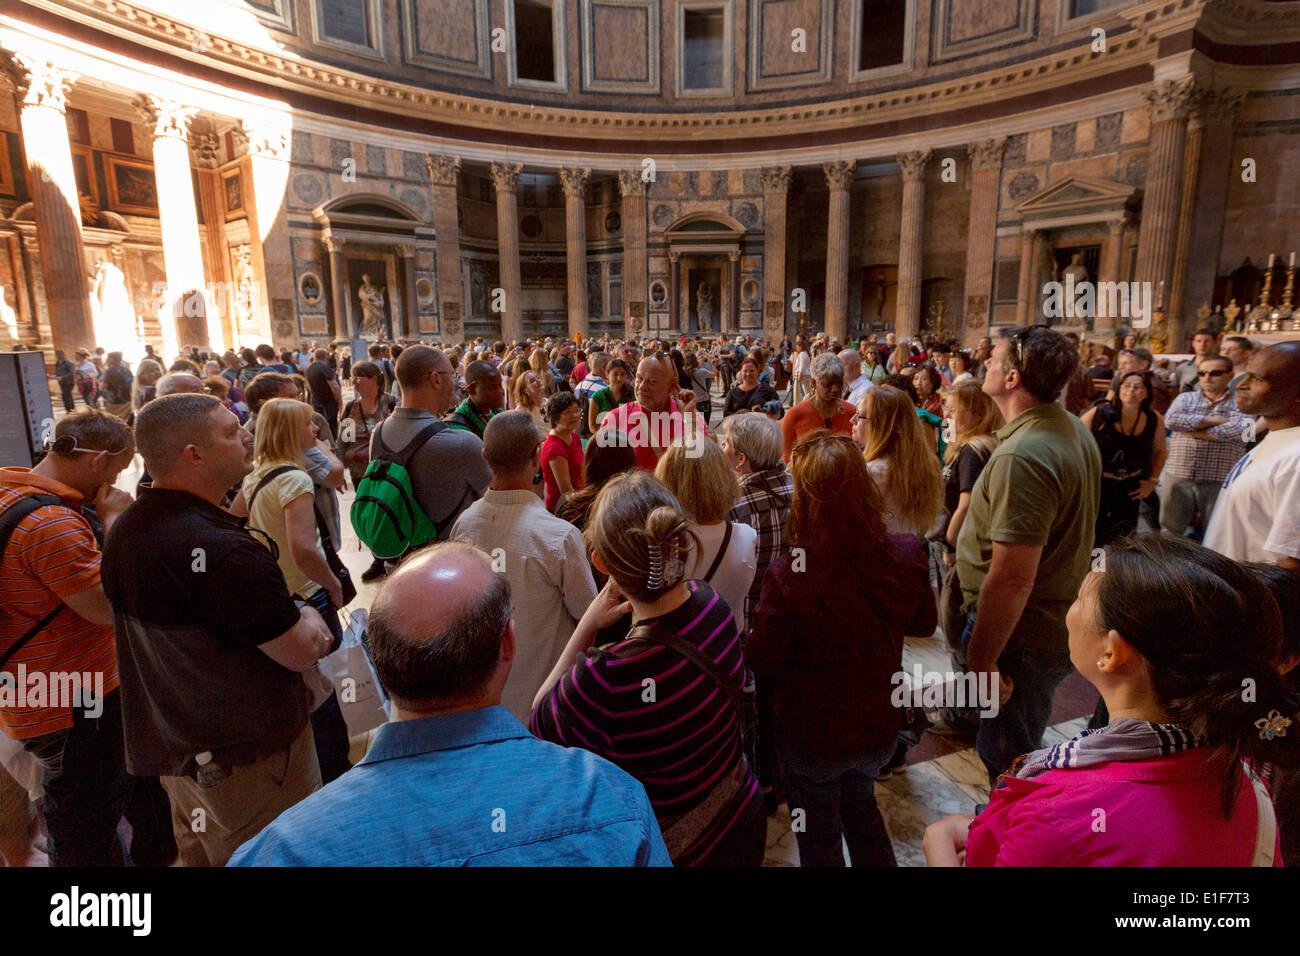 Des foules de gens à l'intérieur du Panthéon, Rome, Italie Photo Stock